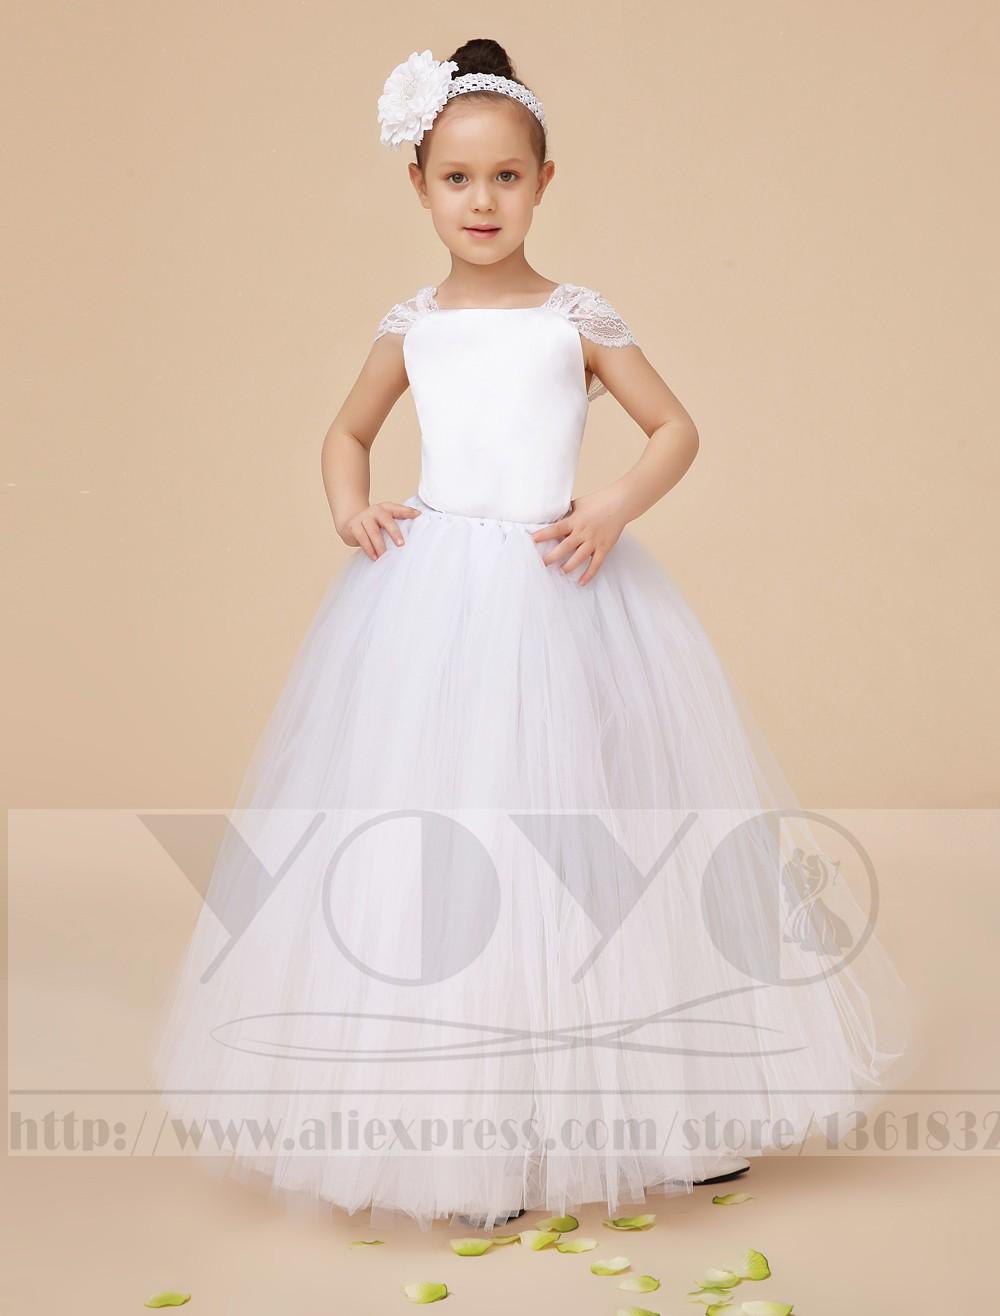 Скидки на Мода кот маленькие девочки платья с кружевом элегантный формальное свадебные цветы девушки платья [ головной убор входит ]